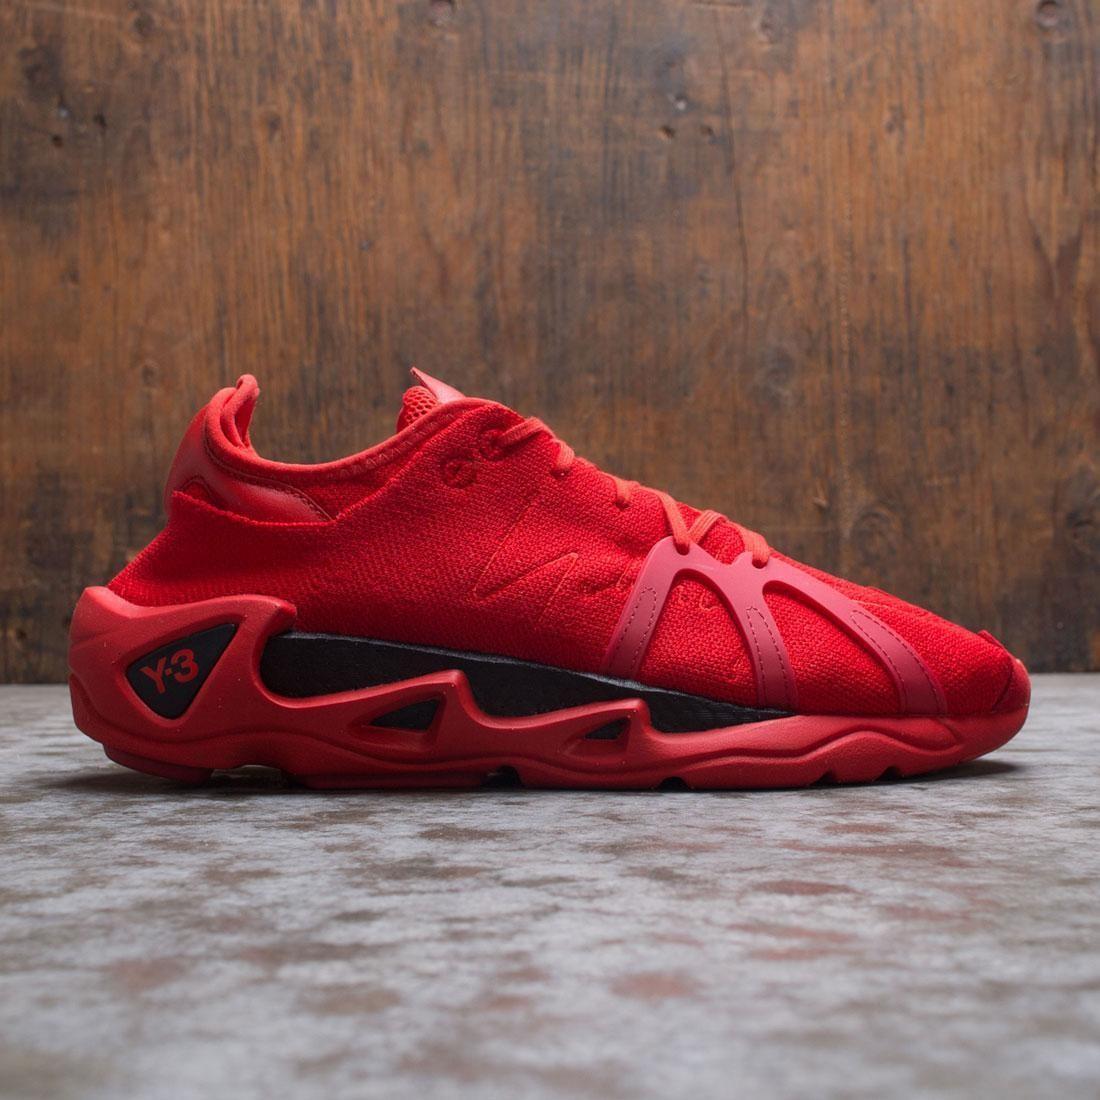 Adidas Y-3 Men FYW S-97 red black